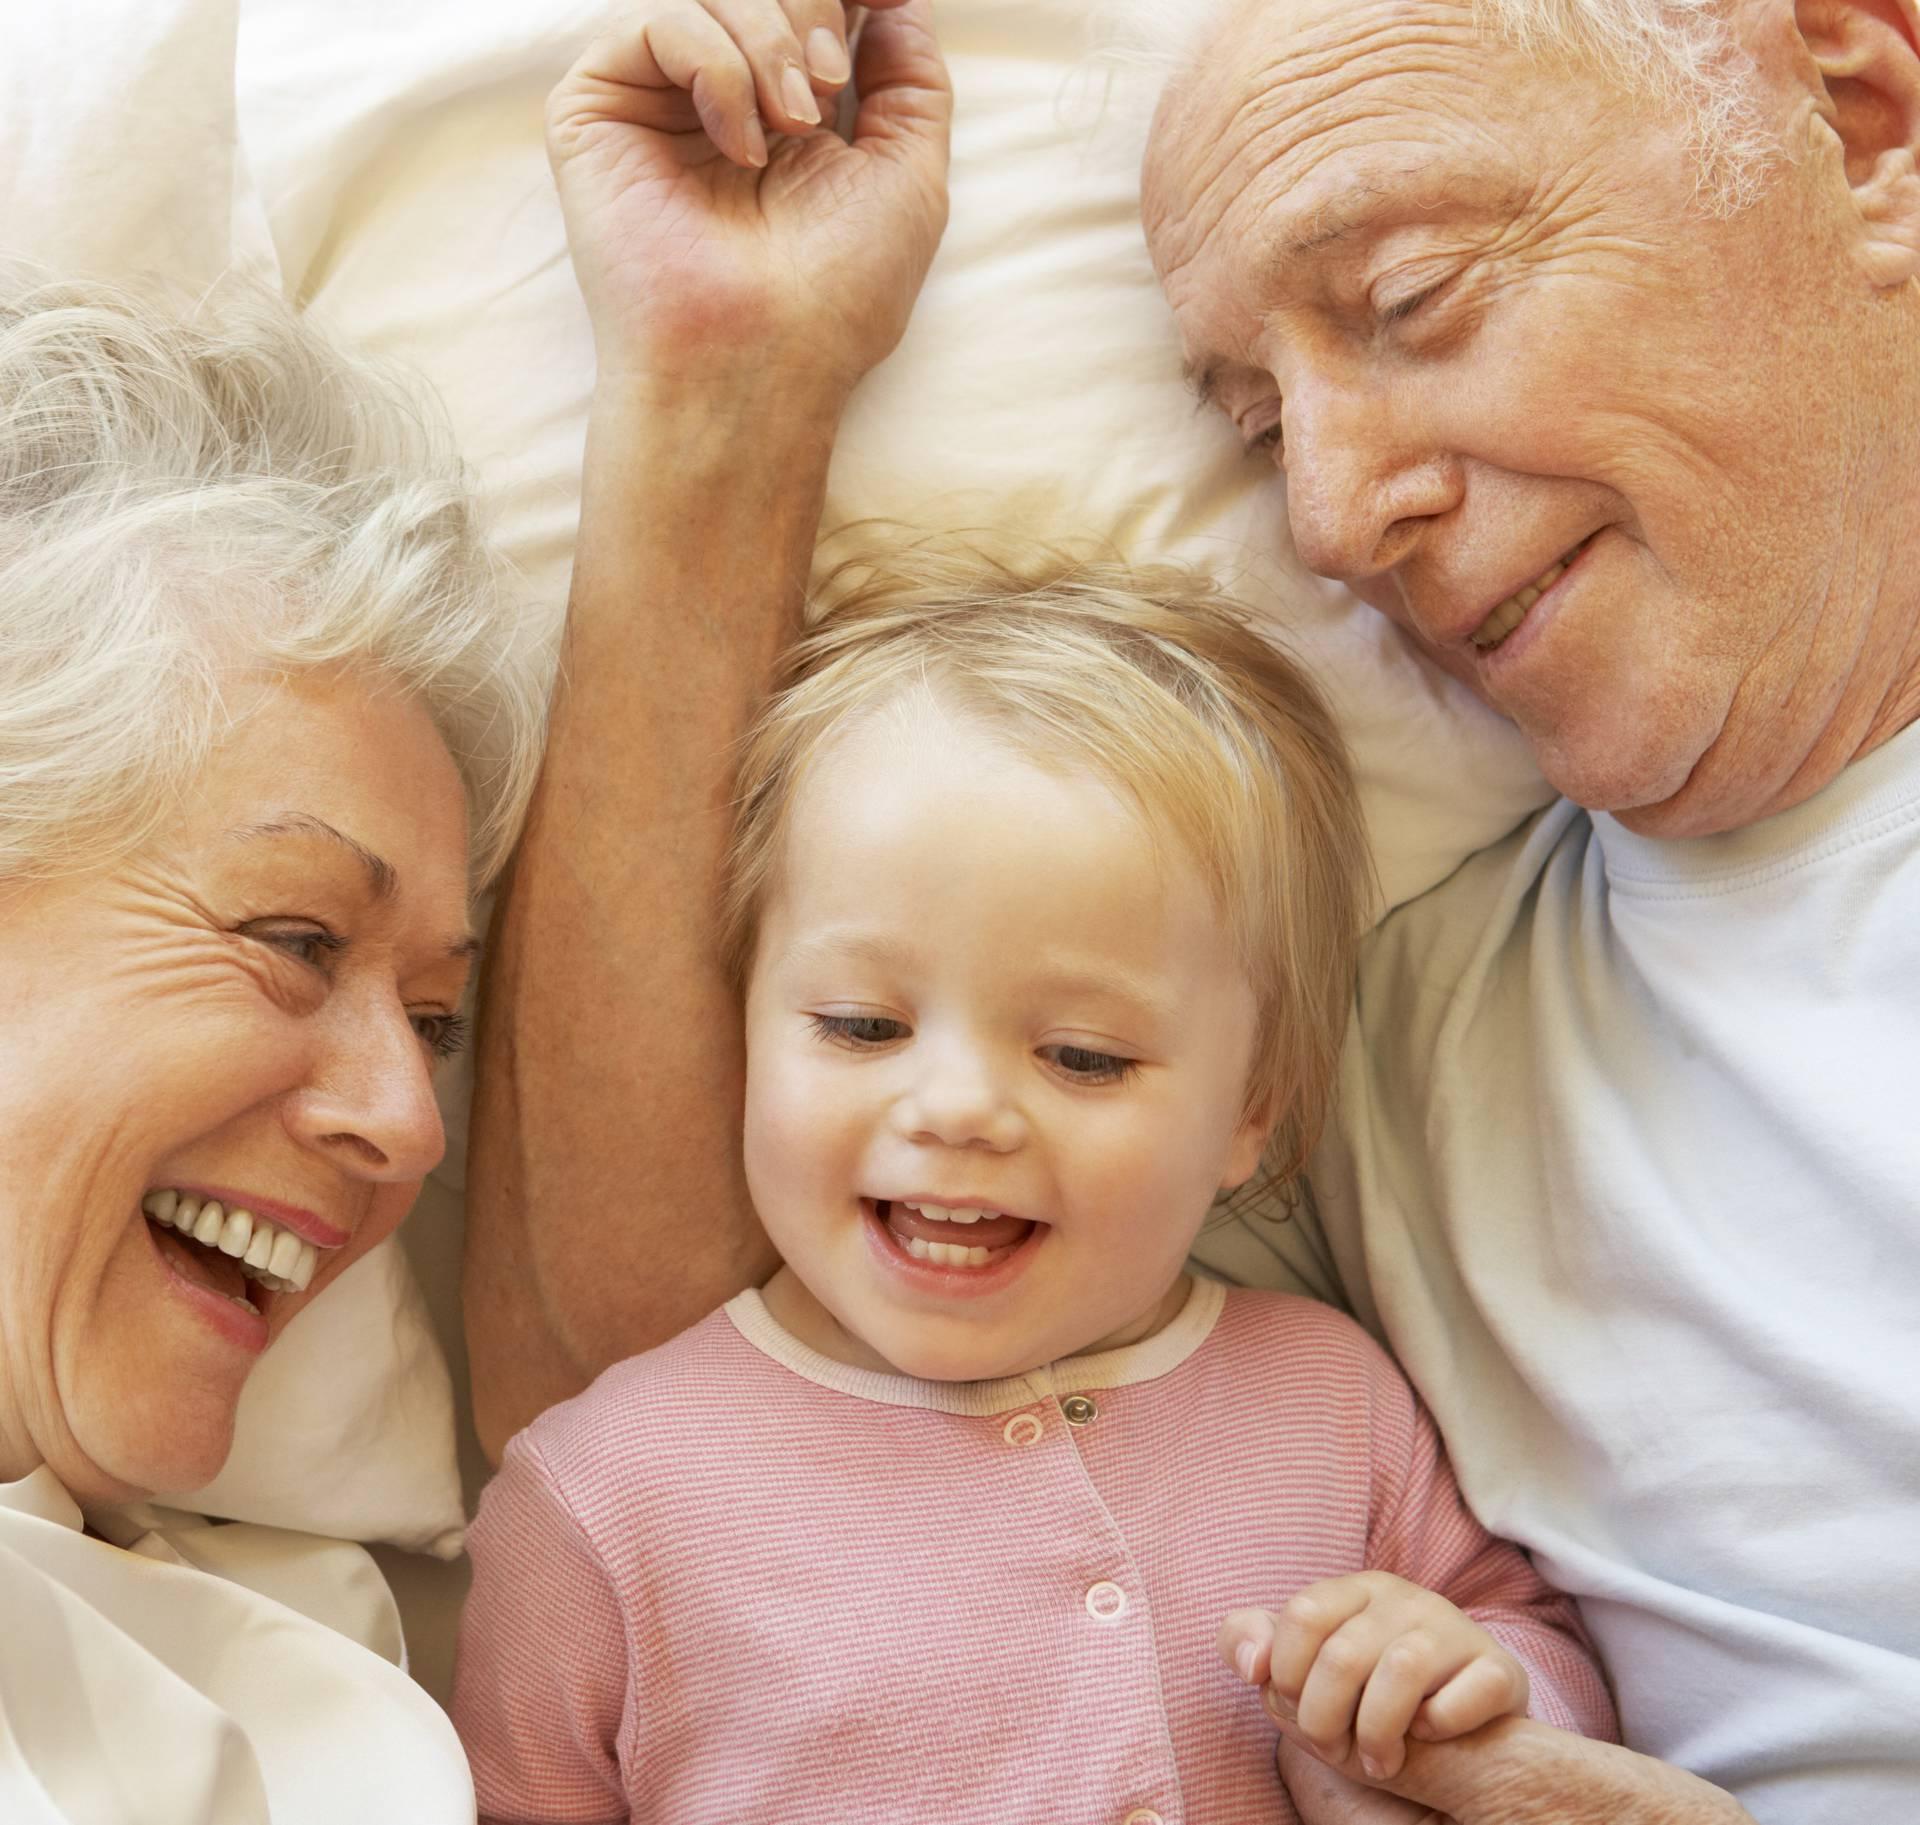 Muljaju nas: Djedovi i bake baš uvijek imaju omiljenog unuka